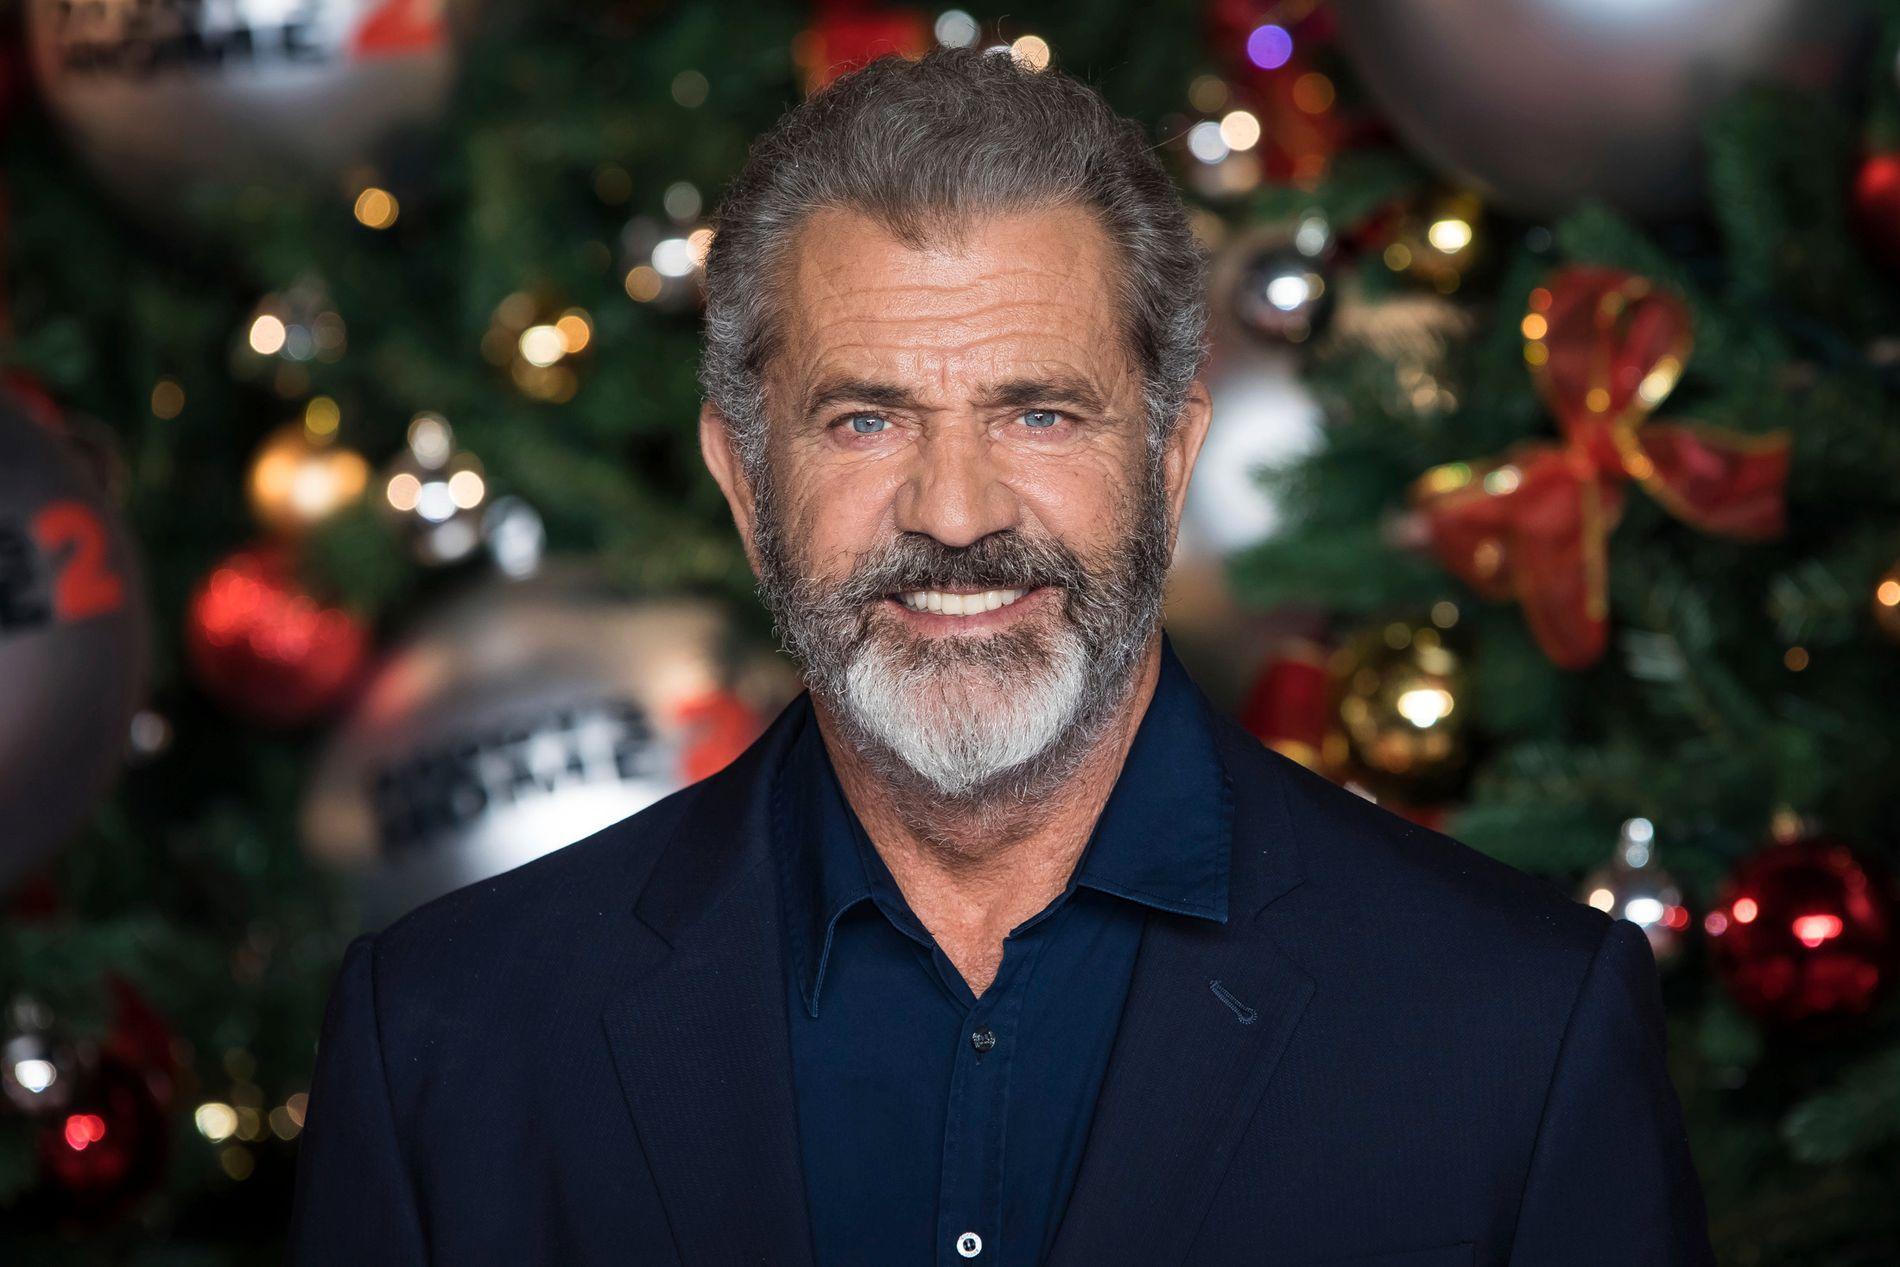 COMEBACK IGJEN: Mel Gibson ser ut til å være tilbake i Hollywood-varmen igjen. Her er han fotografert på premieren for «Daddy's Home 2» i februar i år.